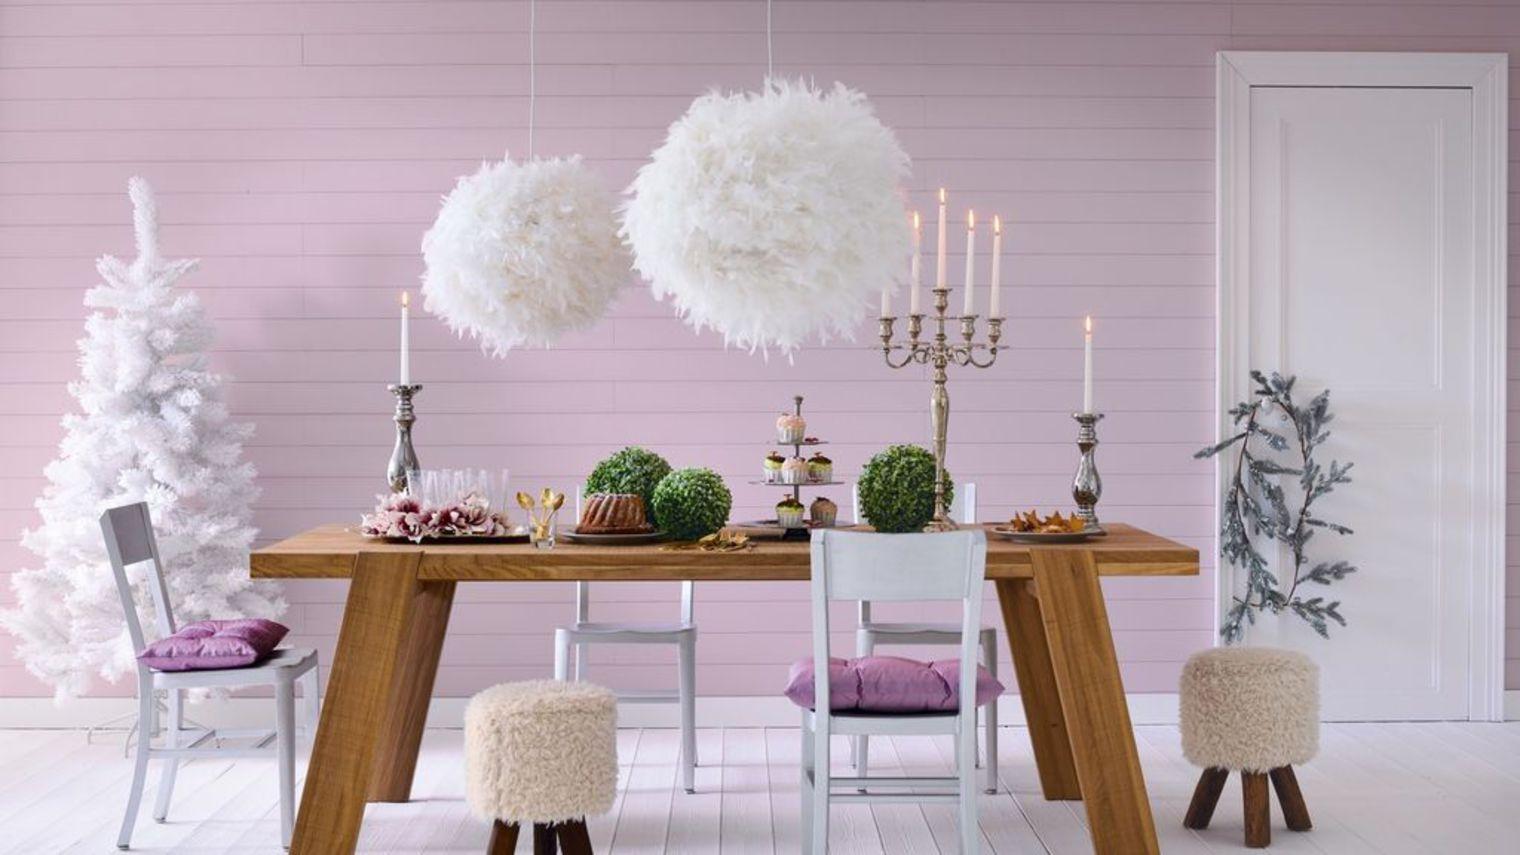 #6F4828 Décoration Salle A Manger Noel Exemples D'aménagements 4495 décoration pour une salle à manger 1520x855 px @ aertt.com